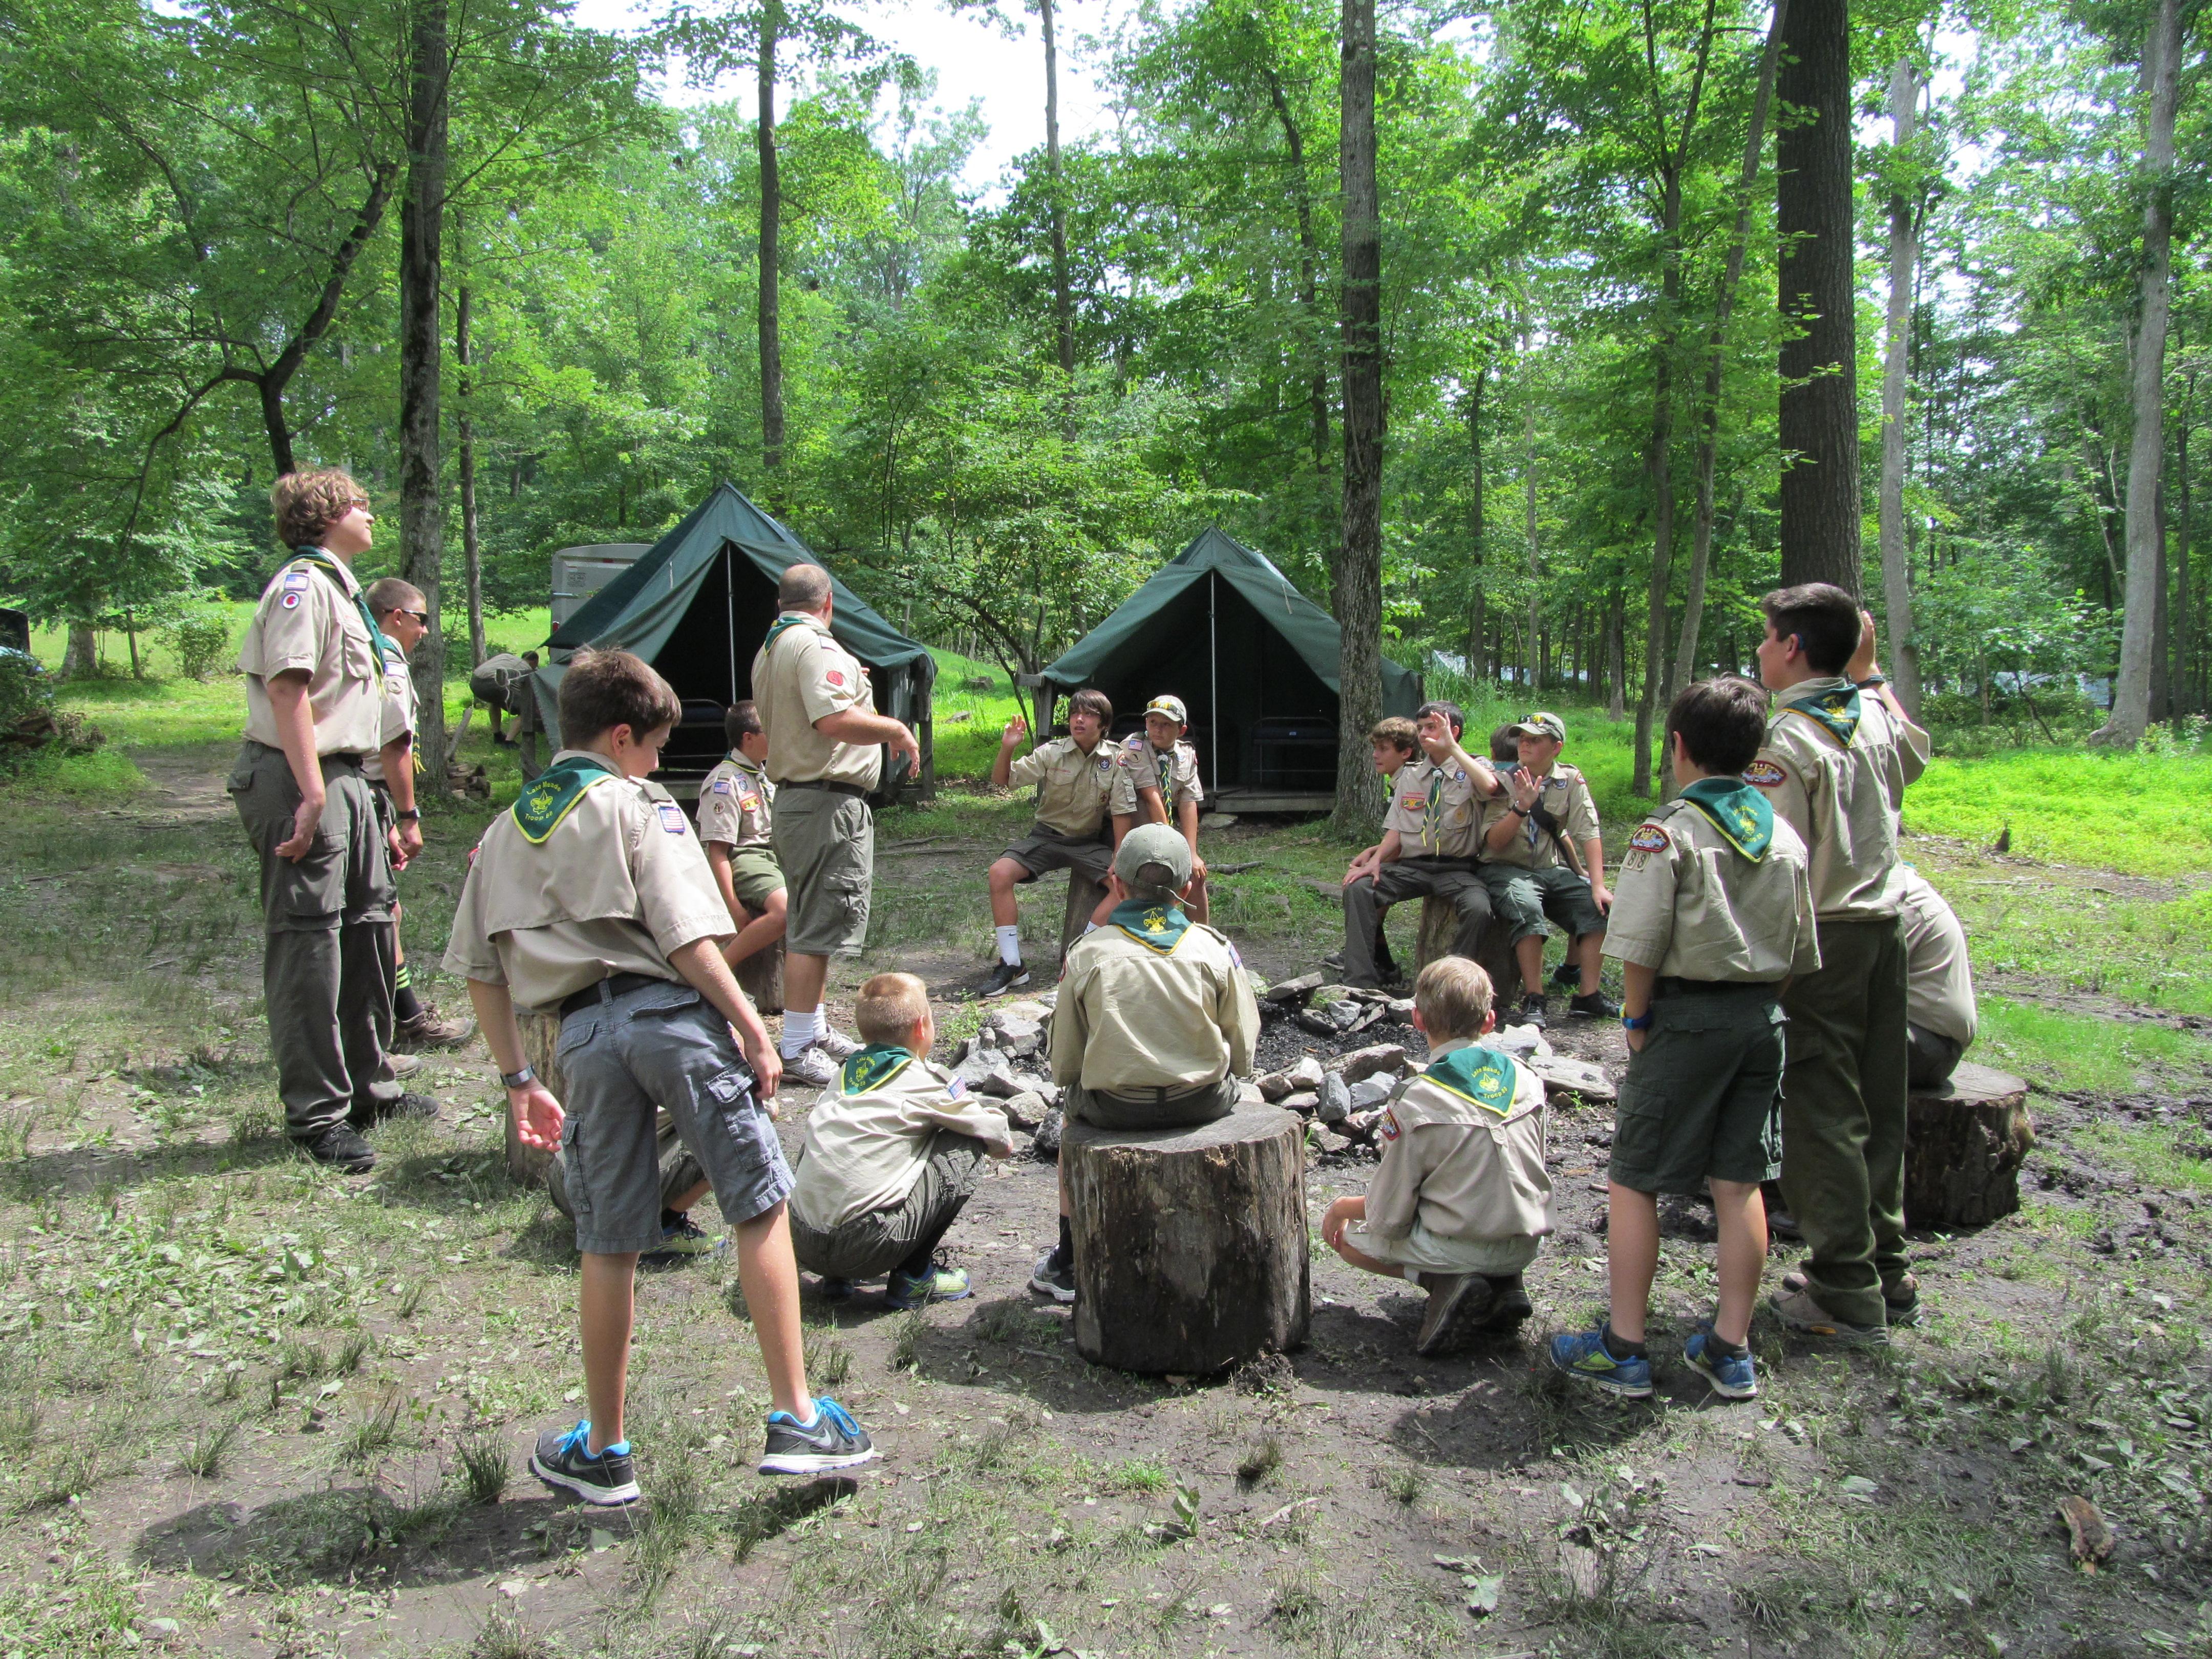 Troop 88 Summer Camp